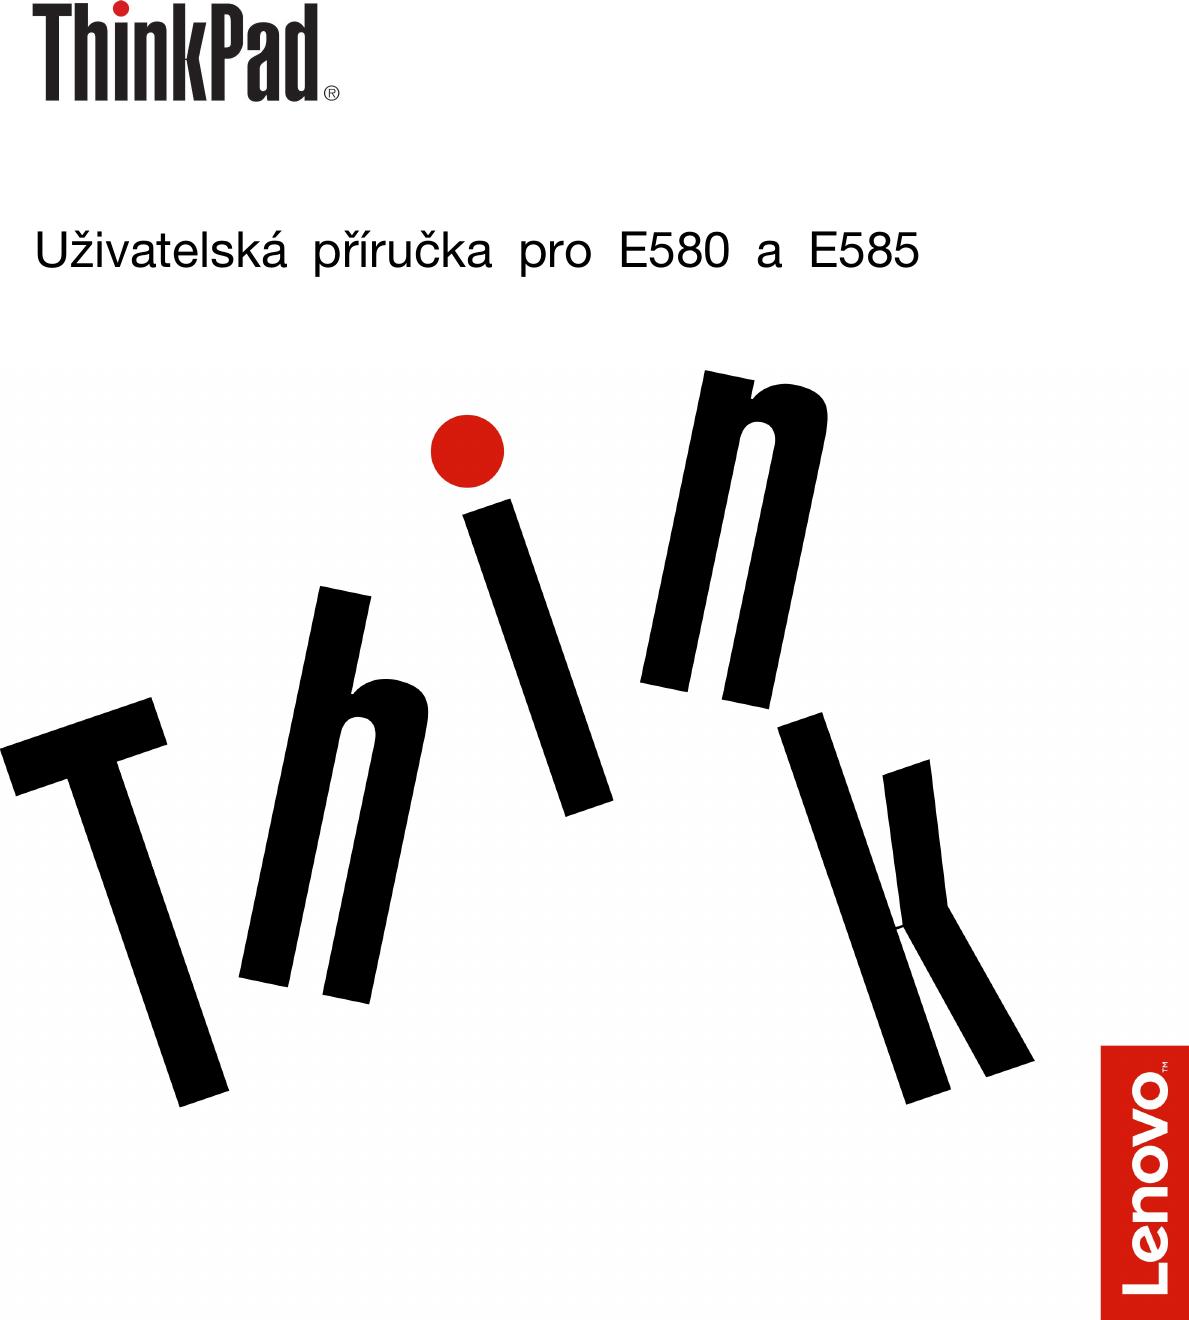 Lenovo Uživatelská Příručka Pro E580 A E585 (Czech) User